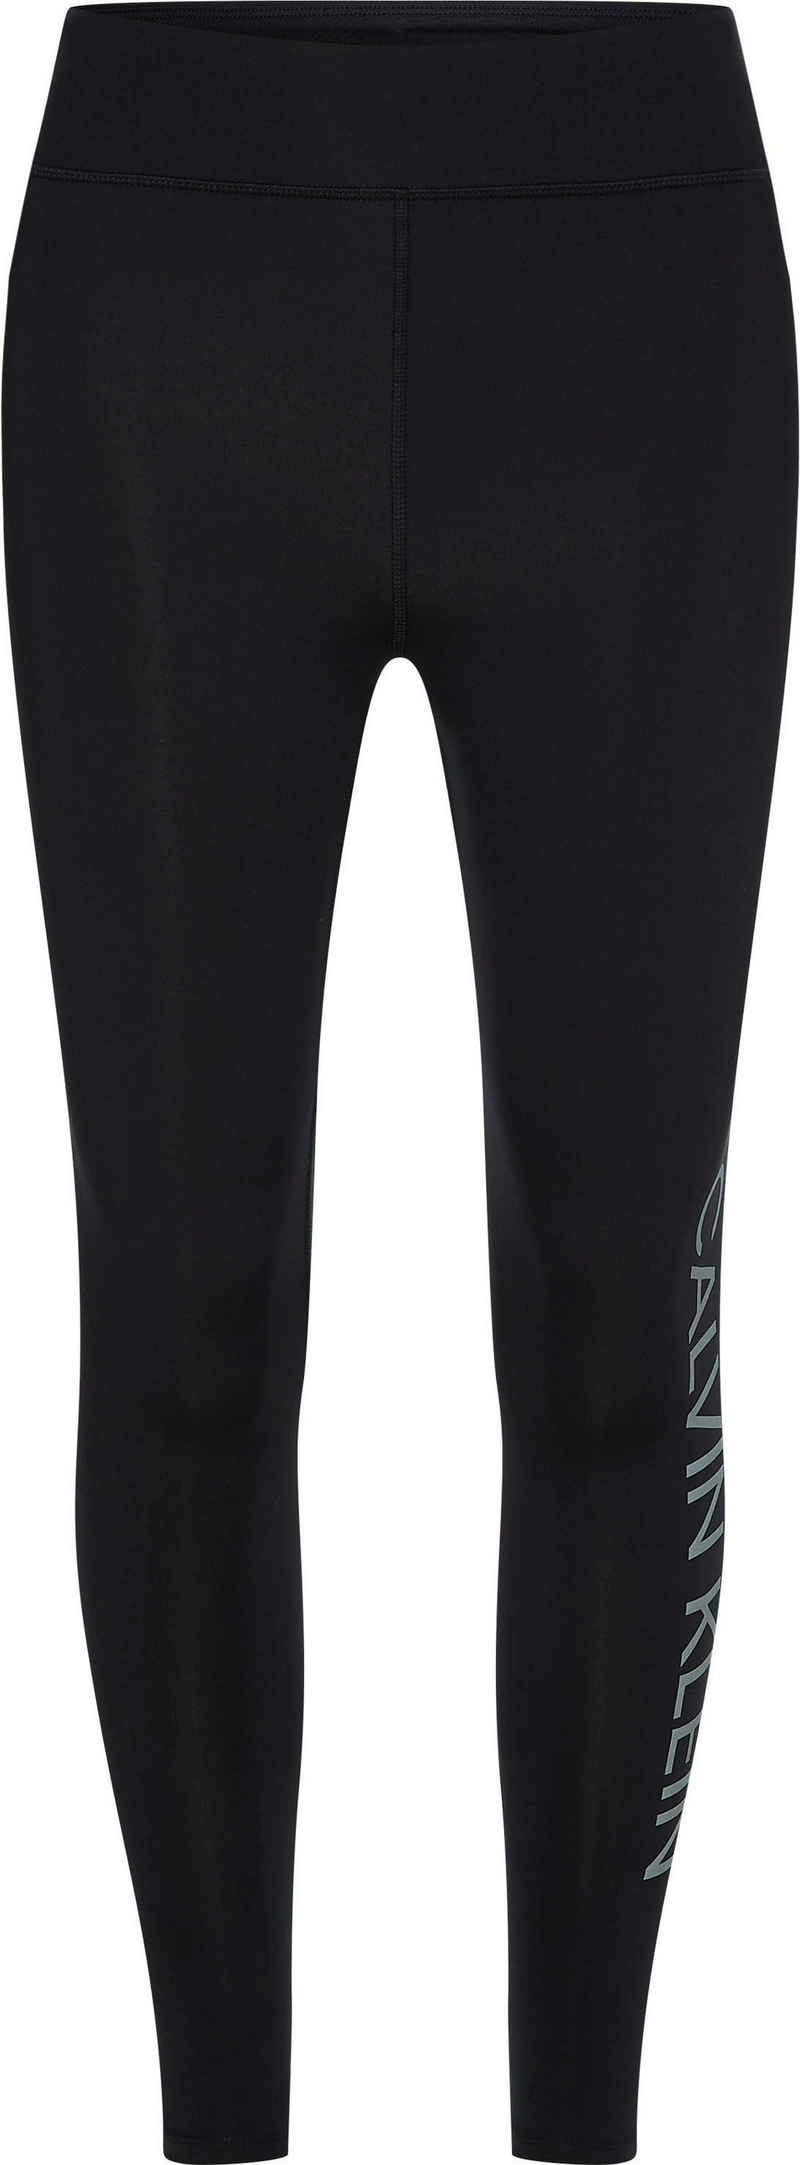 Calvin Klein Performance Leggings »WO - Tight (Full Length)« mit Calvin Klein Logo-Schriftzug seitlich am Bein